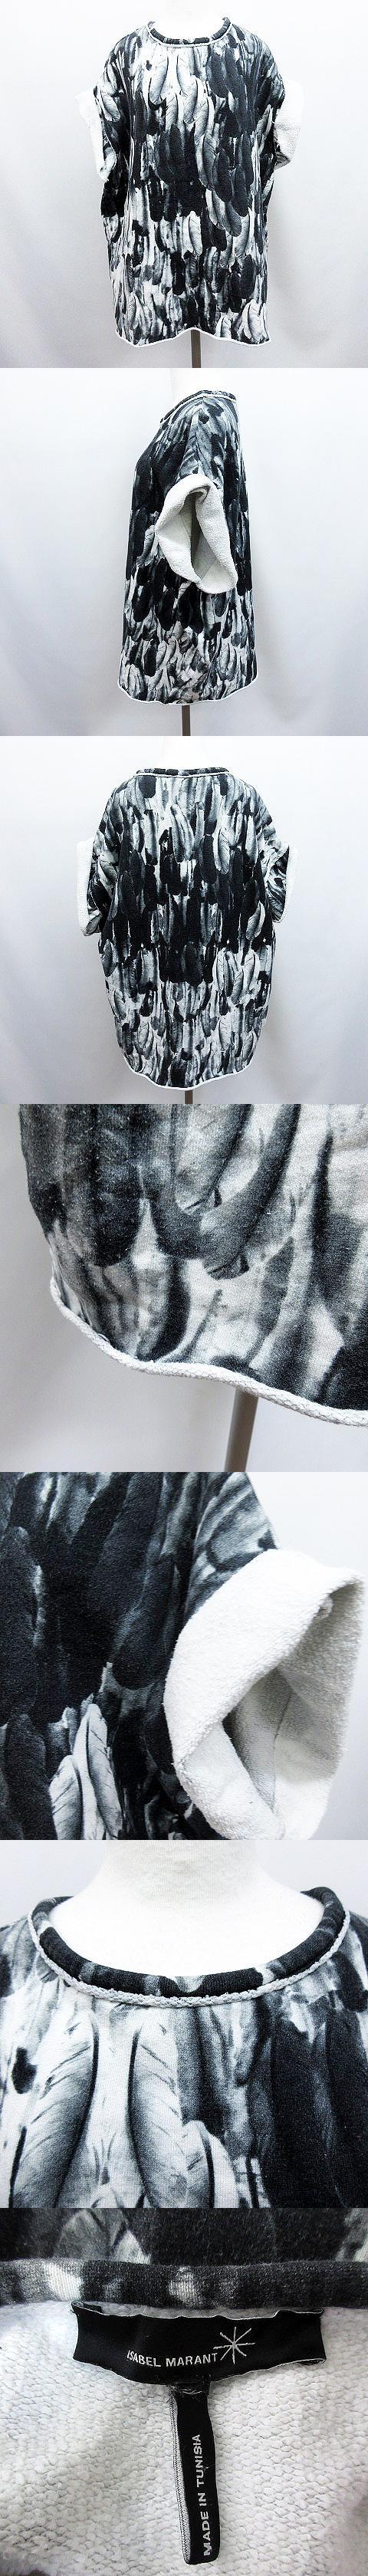 羽根 総柄 カットオフ デザイン オーバーサイズ 半袖 スウェットシャツ トレーナー 白 ホワイト系 黒 ブラック系